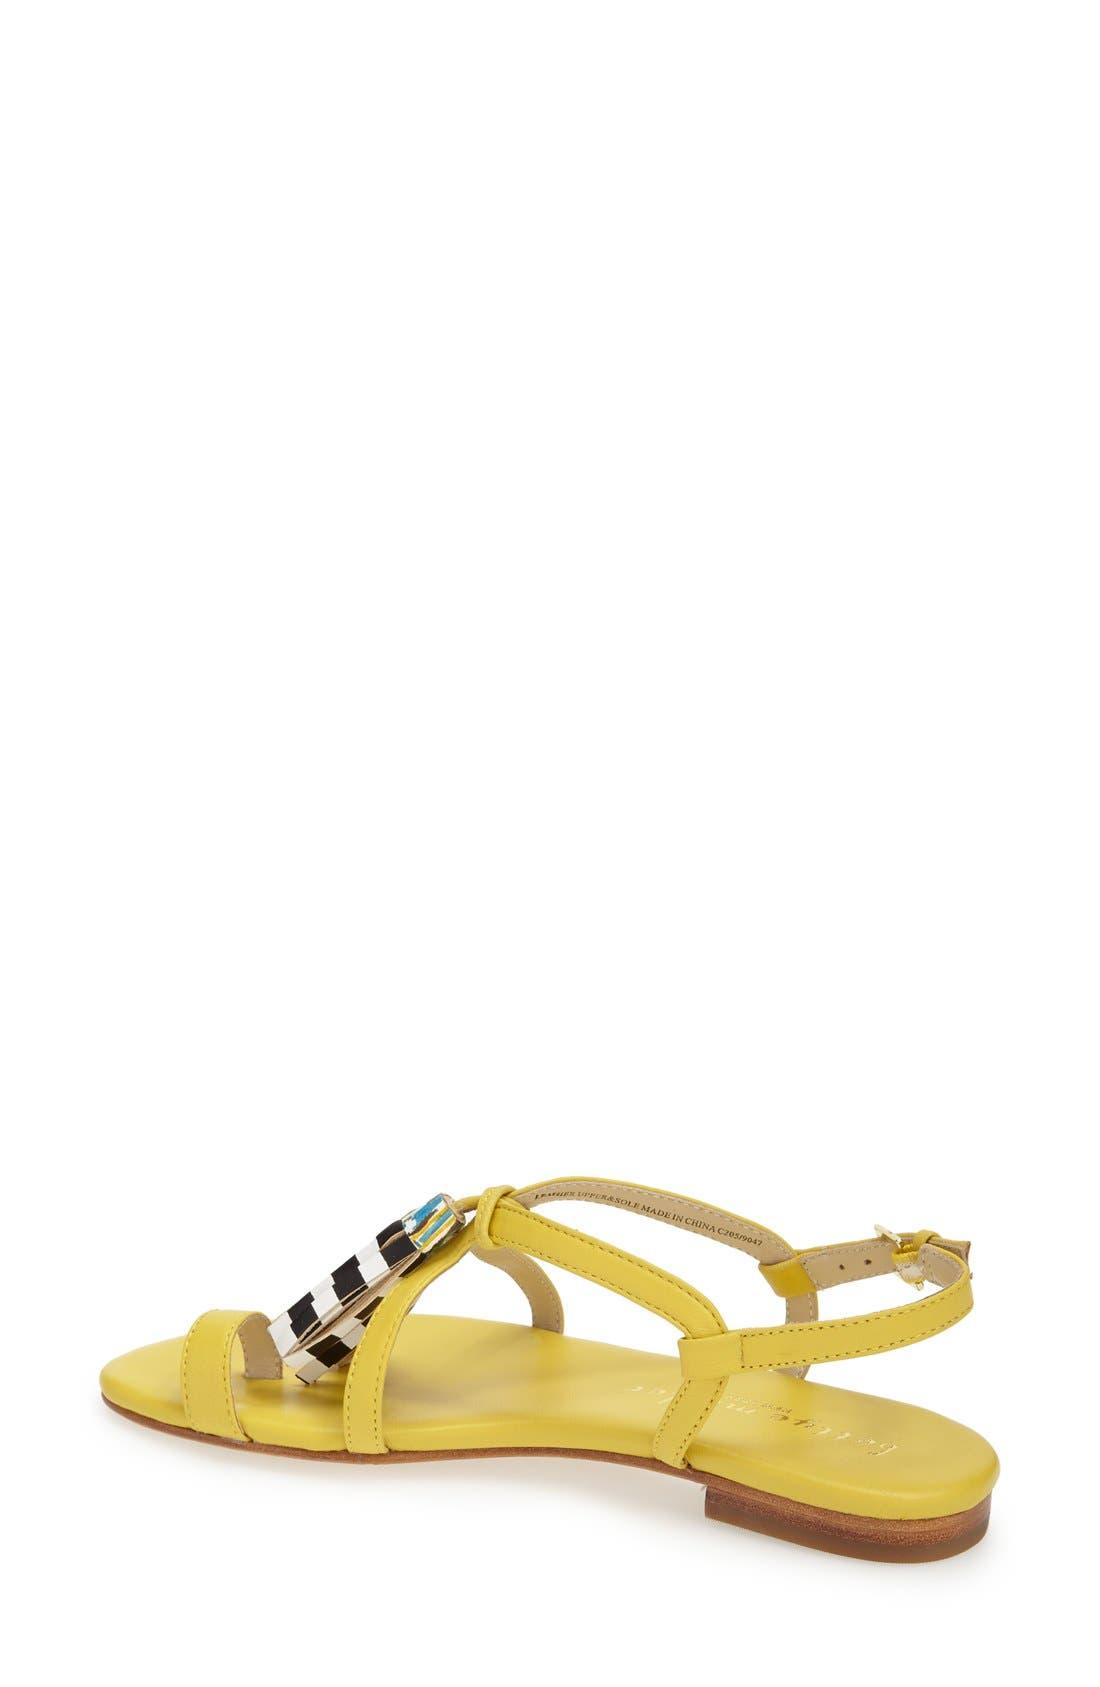 Alternate Image 2  - Bettye Muller 'Sasha' Leather Tassel Sandal (Women)